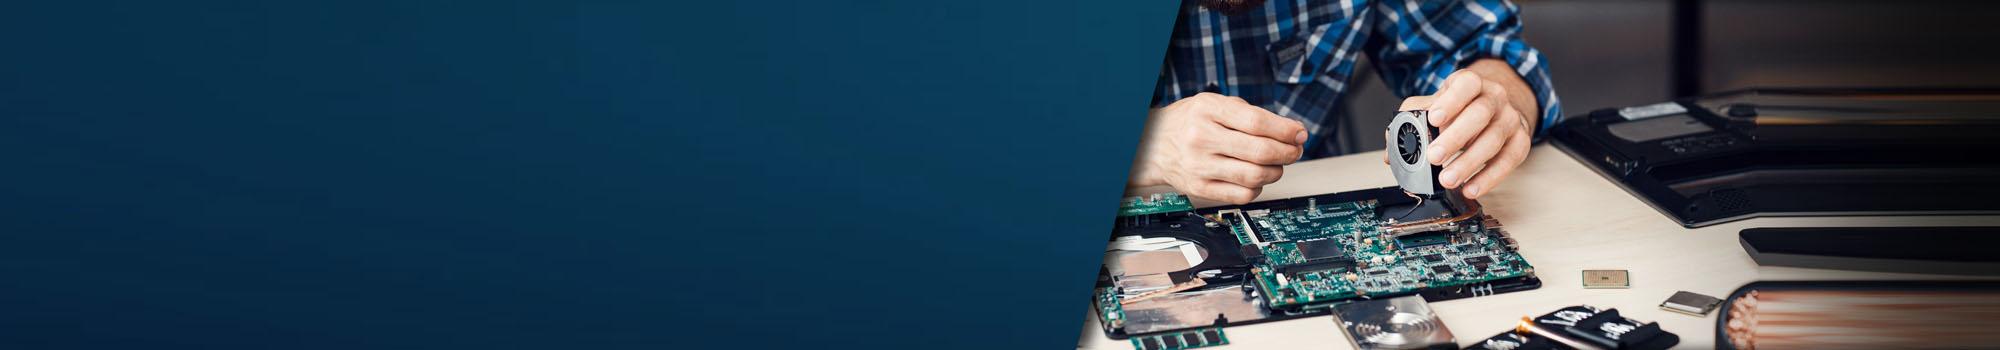 Ремонт ноутбуков Asus во Владивостоке